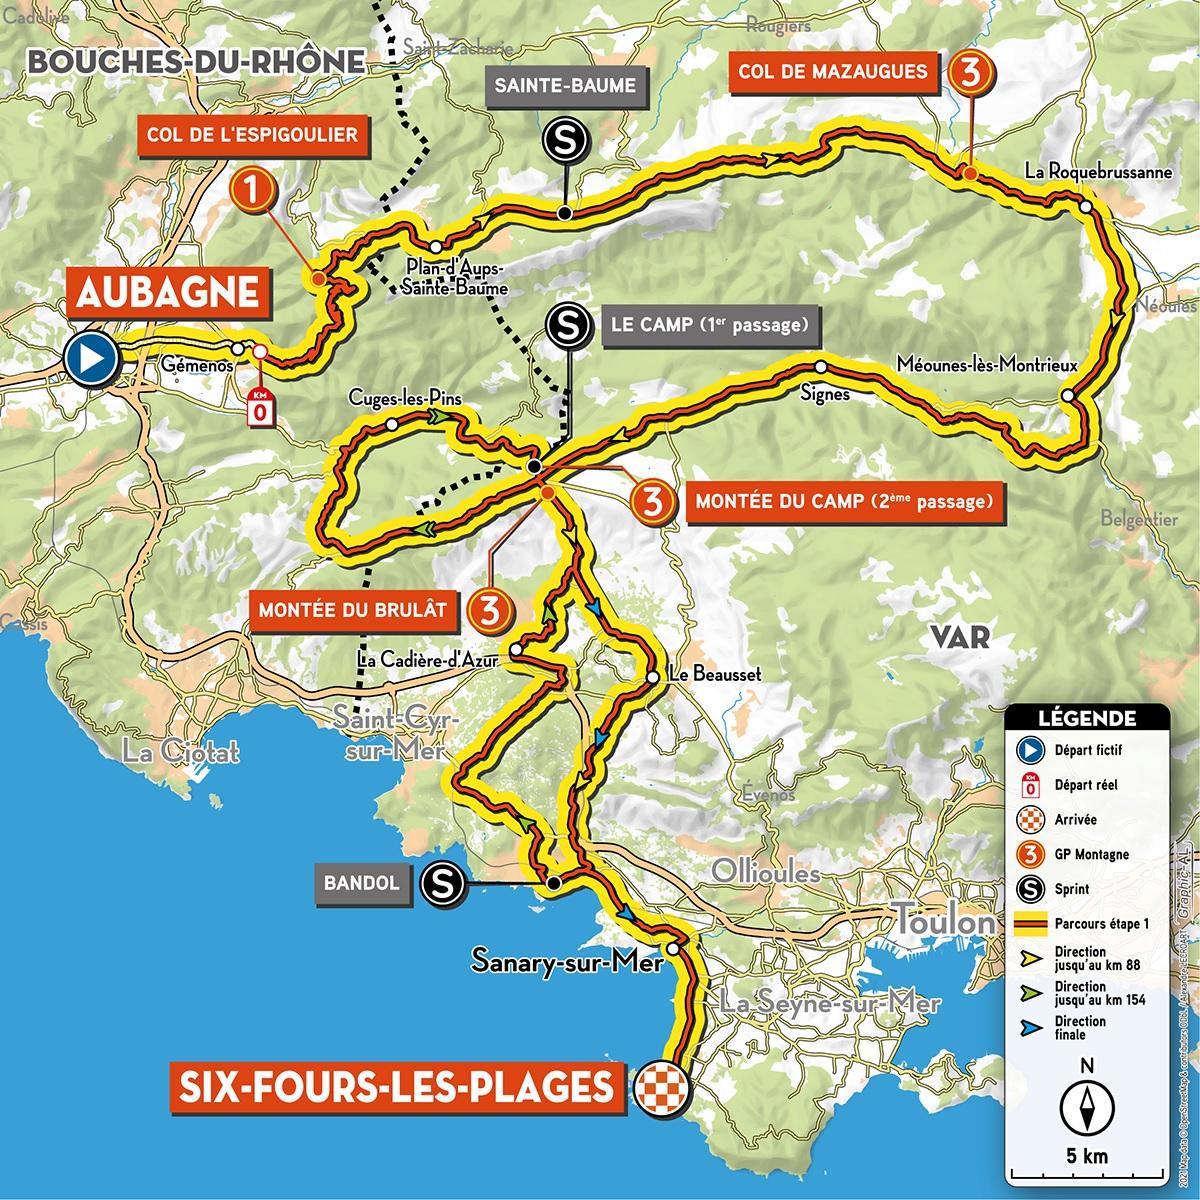 Tour De La Provence 2021 Le Parcours Detaille Actualite Directvelo